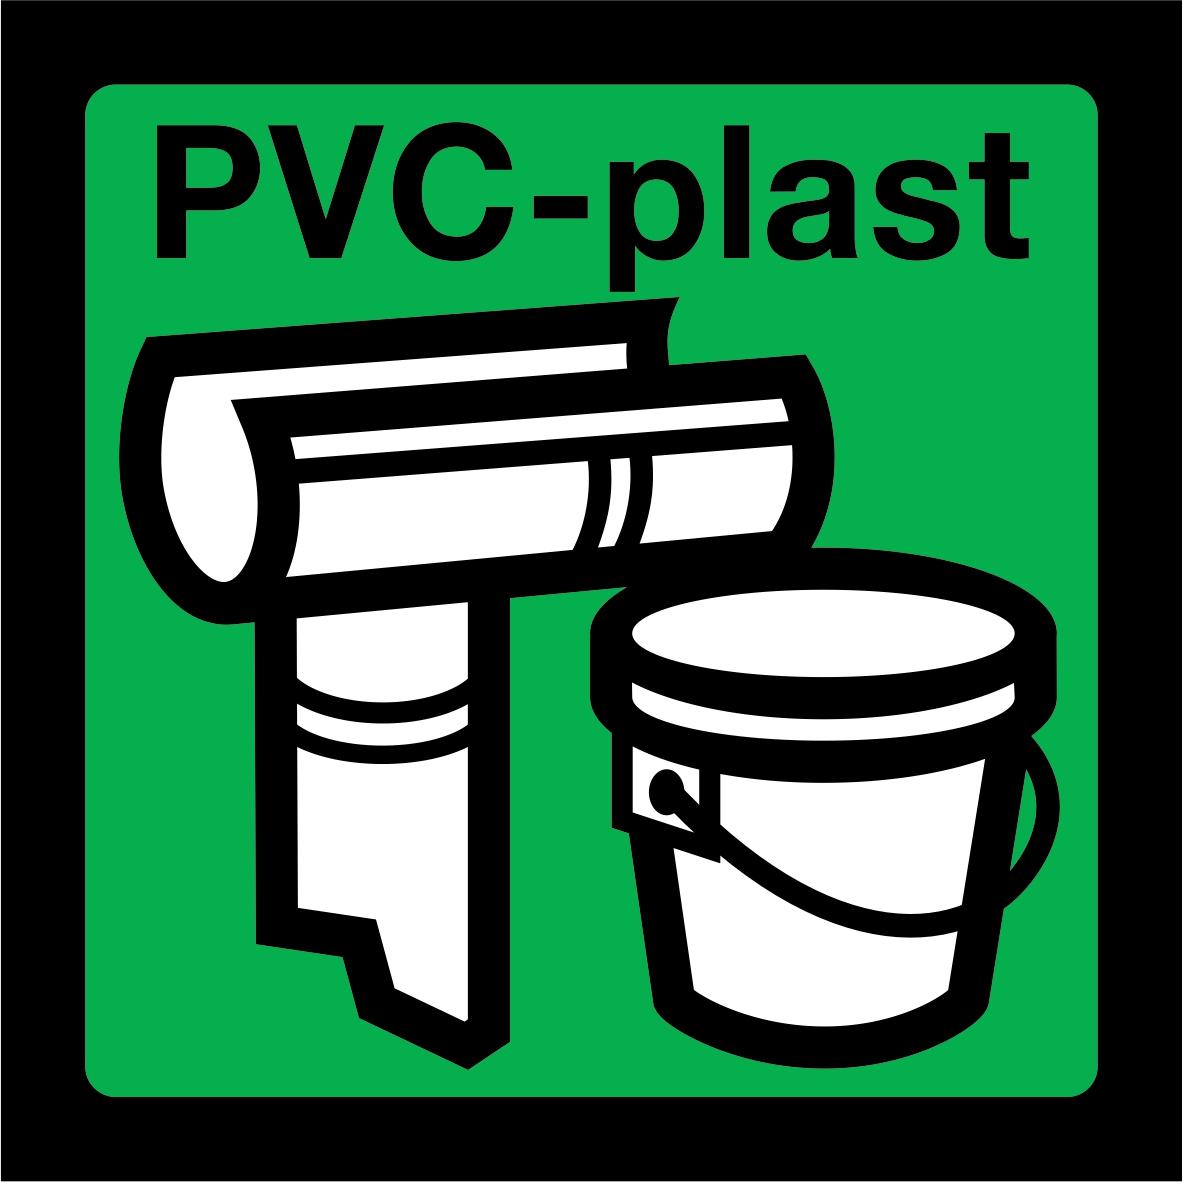 PVC plast